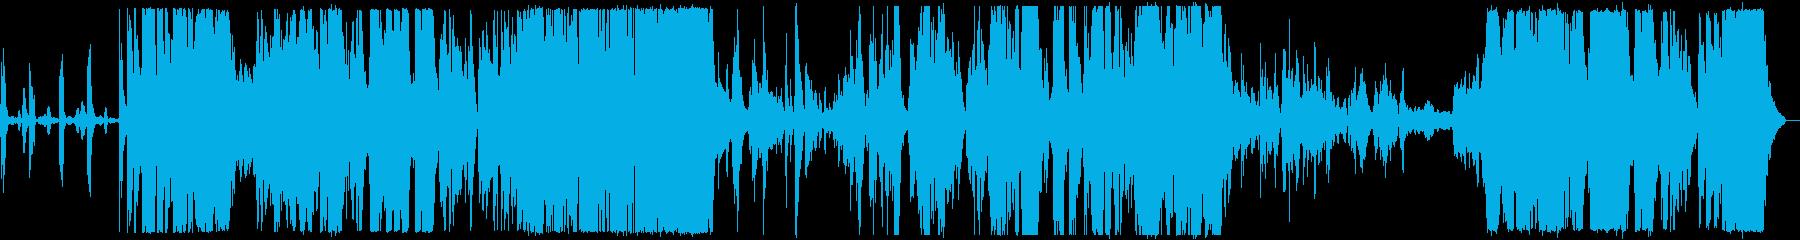 北アフリカのムーア人のチェロのソロ...の再生済みの波形